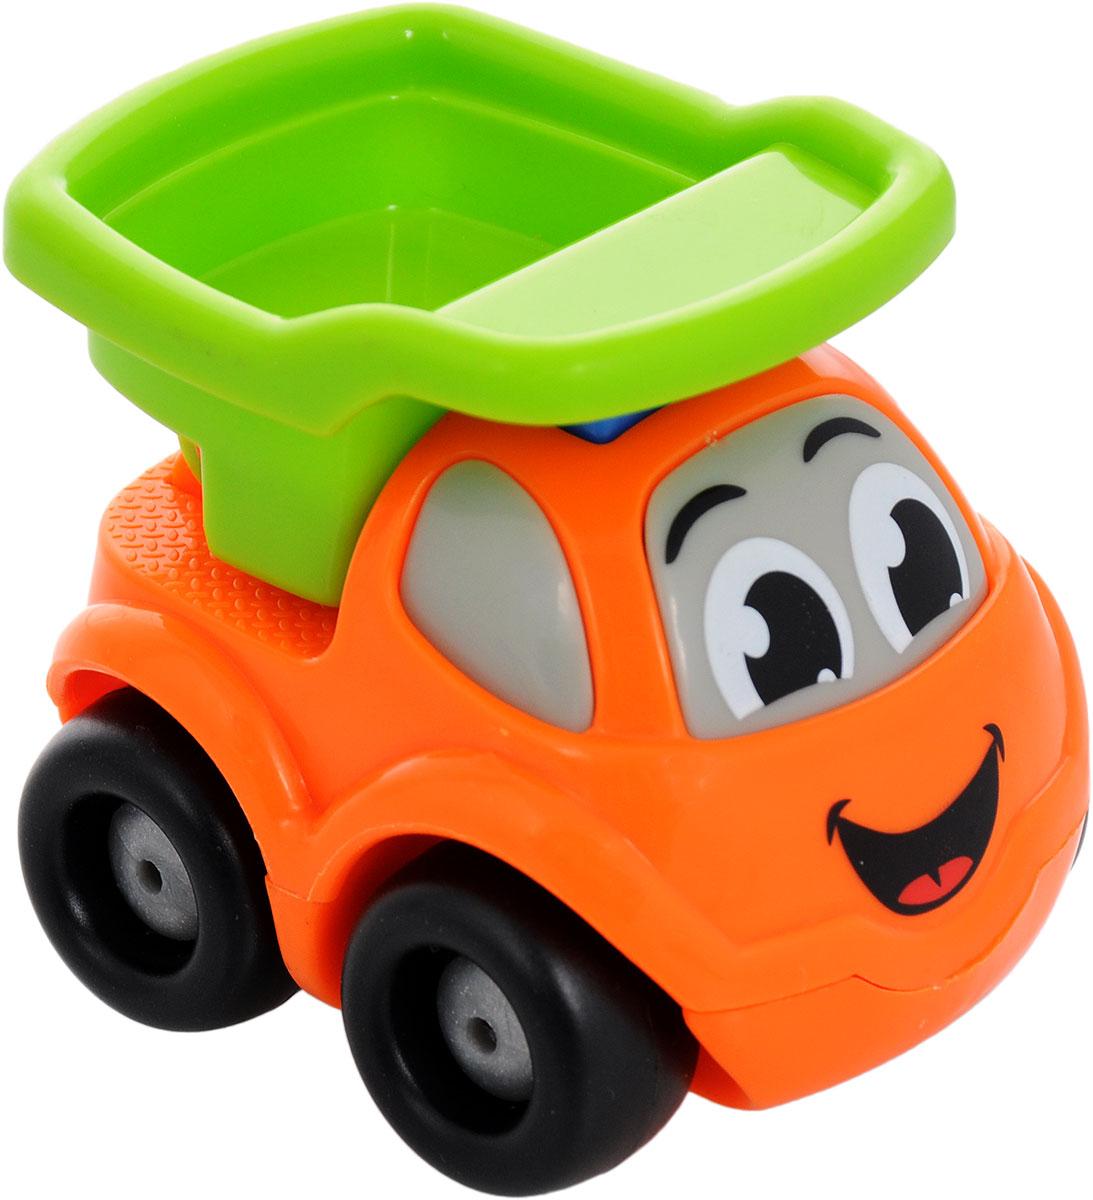 Smoby Машинка Vroom Planet цвет оранжевый салатовый211257_оранжево, салатовыйМини-машинка Smoby Vroom Planet привлечет внимание вашего ребенка и надолго останется его любимой игрушкой. Плавные формы без острых углов, яркие цвета - все это выгодно выделяет эту игрушку из ряда подобных. Машинка в виде маленького самосвала, у которого поднимается кузов. Кабина машинки оформлена в виде лица - на лобовом стекле видны глазки, а на капоте - задорная улыбка. Машинка развивает концентрацию внимания, координацию движений, мелкую моторику рук, цветовое восприятие и воображение. Малыш будет часами играть с этой машинкой, придумывая разные истории.